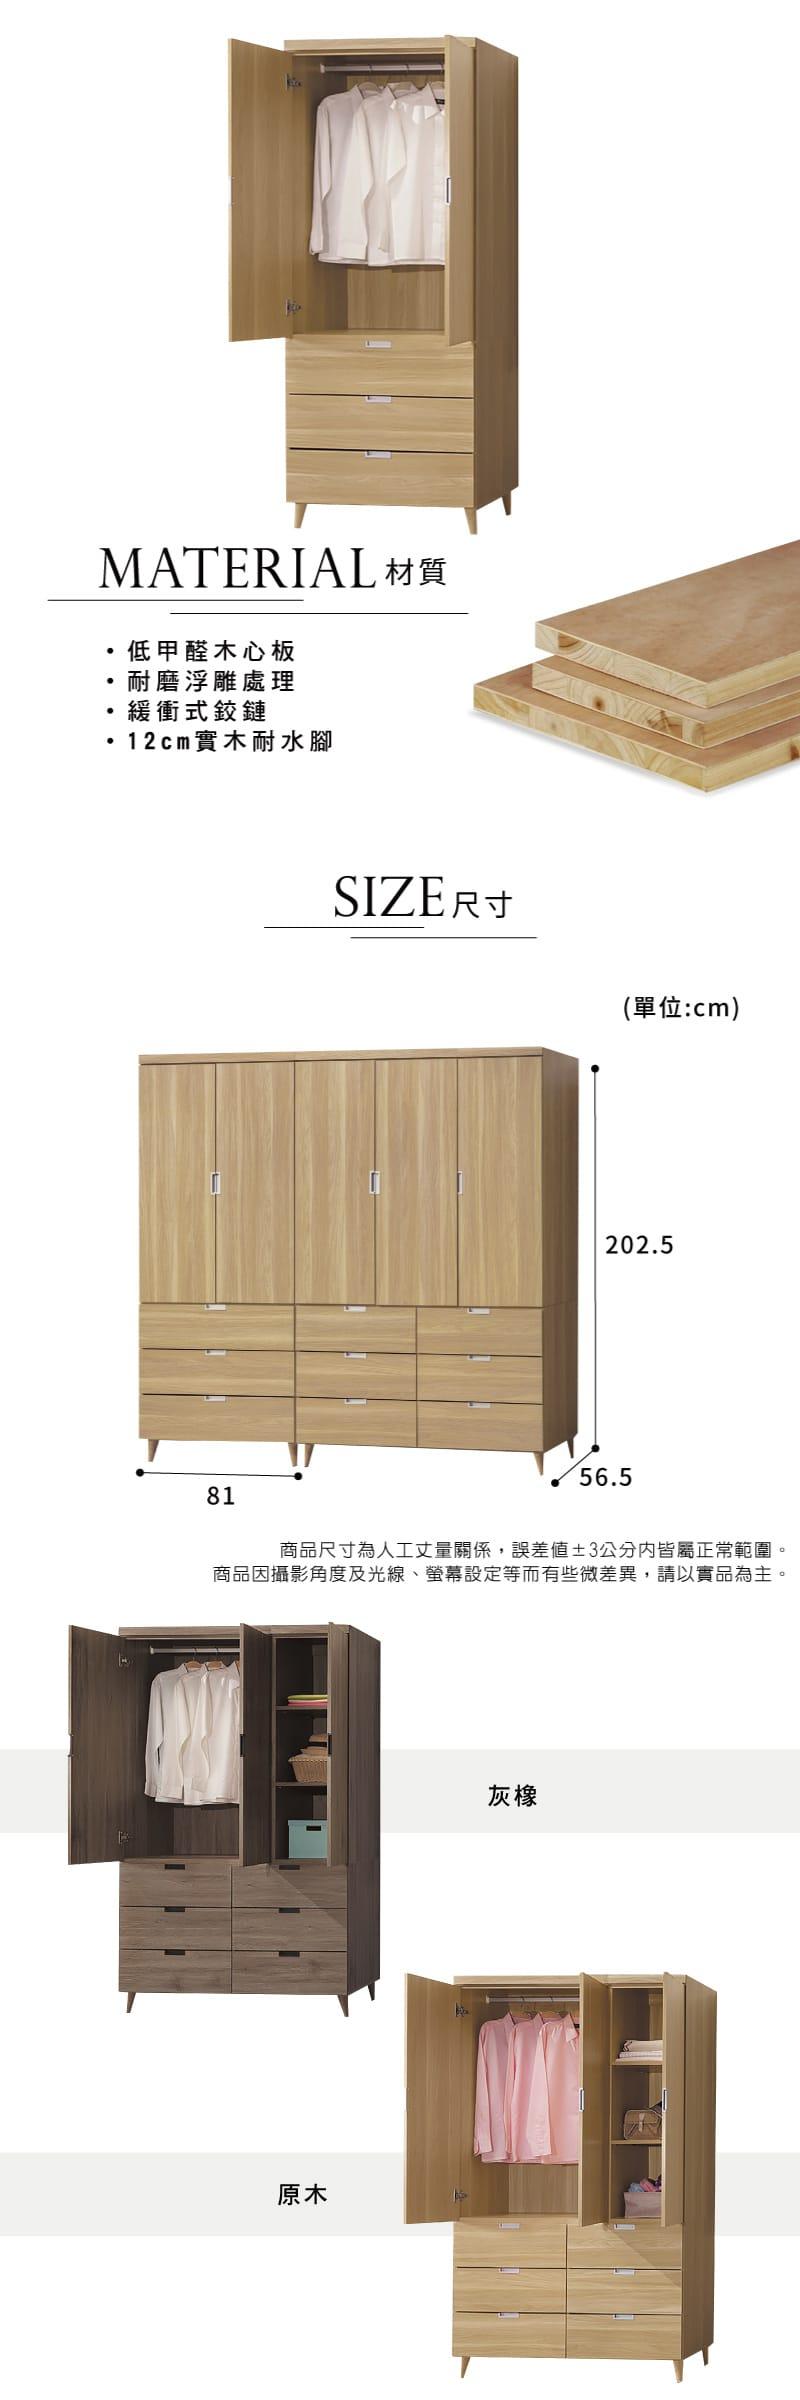 拉門收納置物衣櫃 寬81cm【羅德】